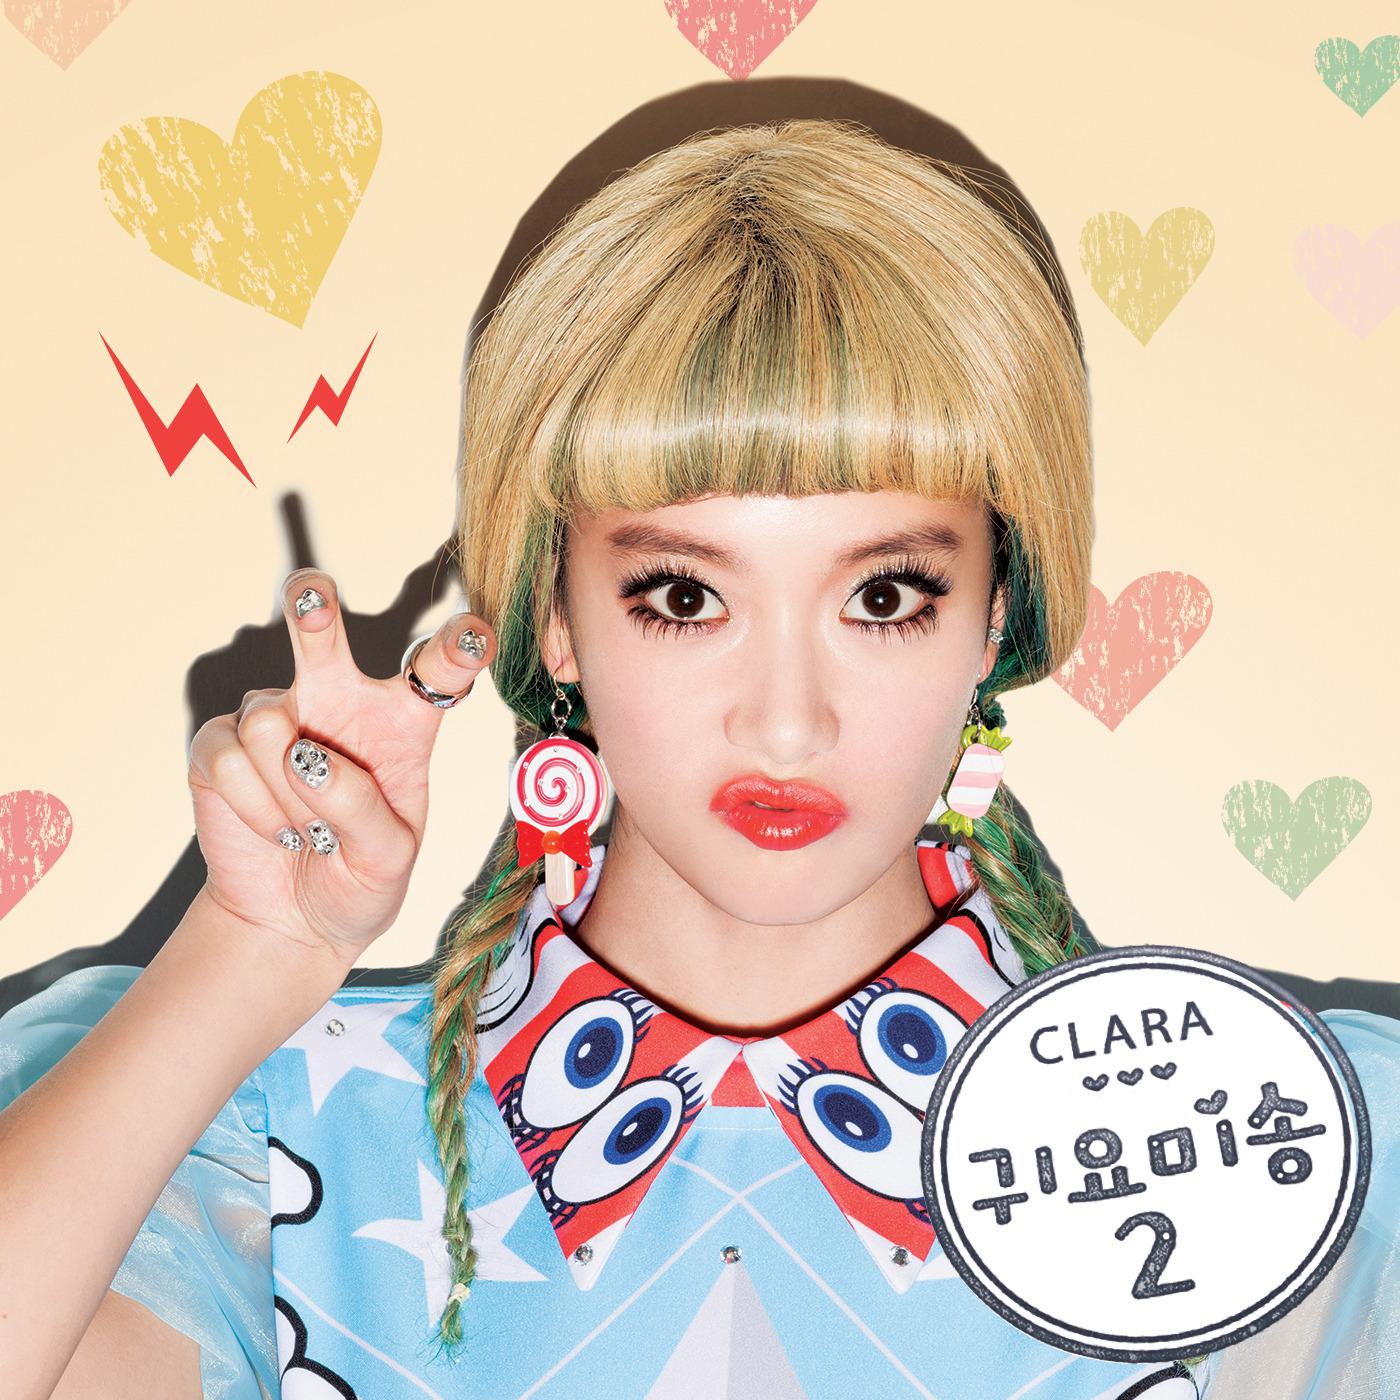 귀요미송2 (클라라) 앨범정보